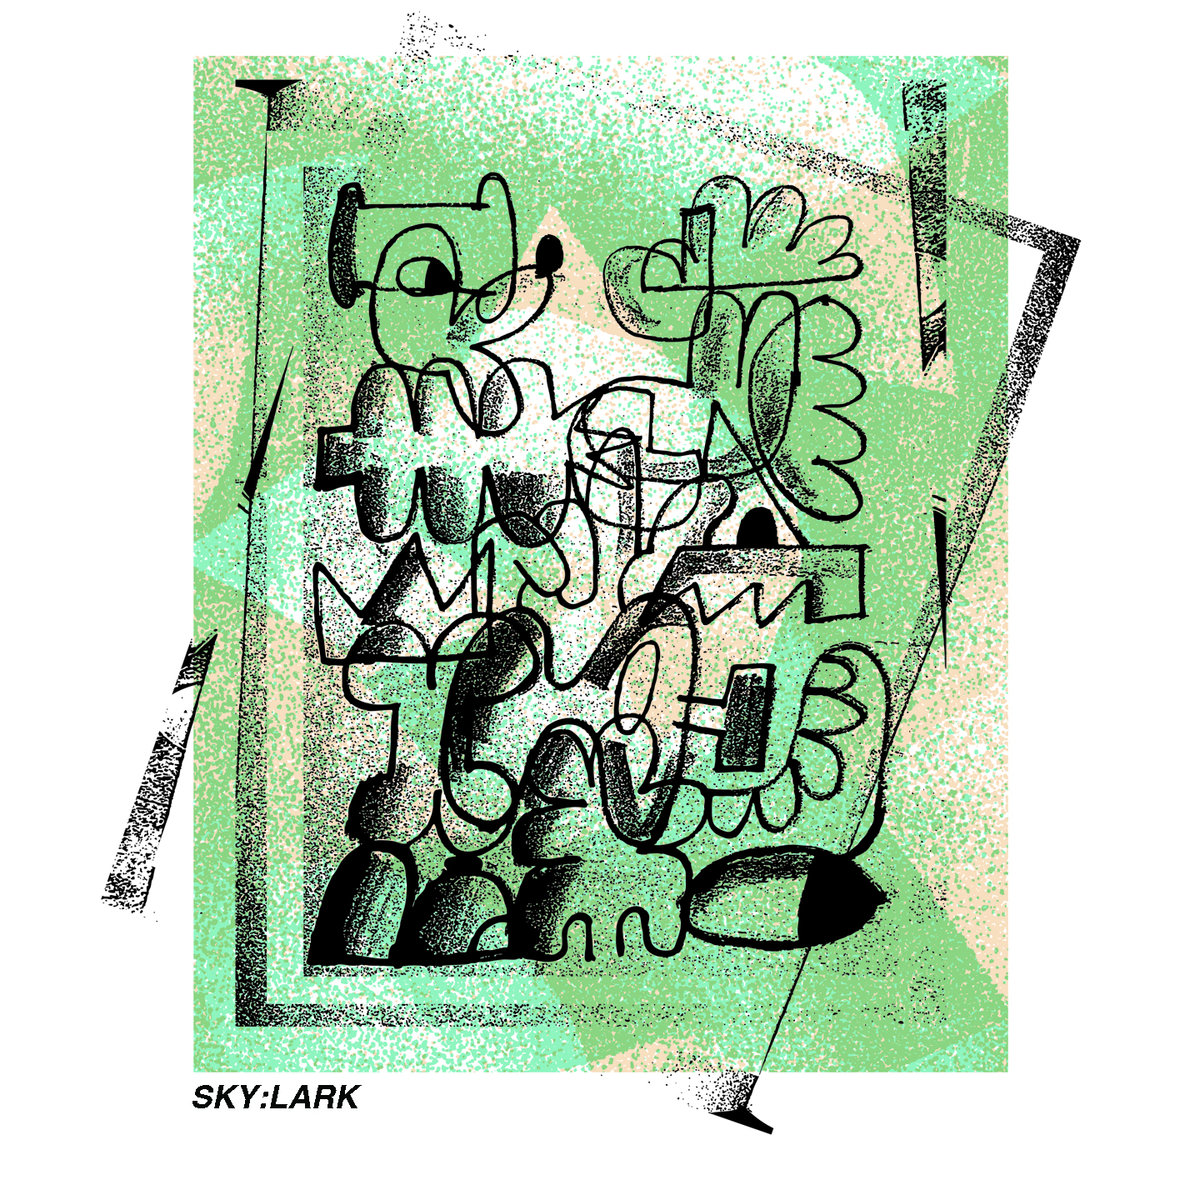 SKY:LARK - LP2